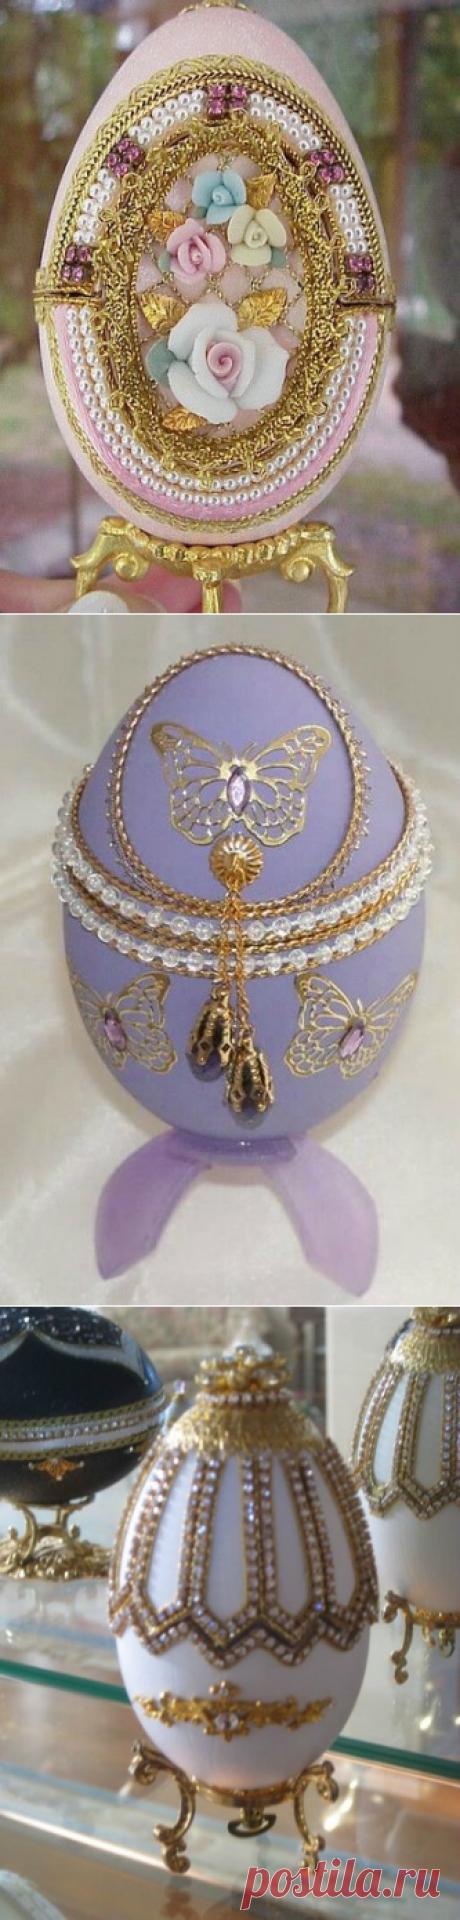 Пасхальные яйца с декоративными камнями - Домашний hand-made